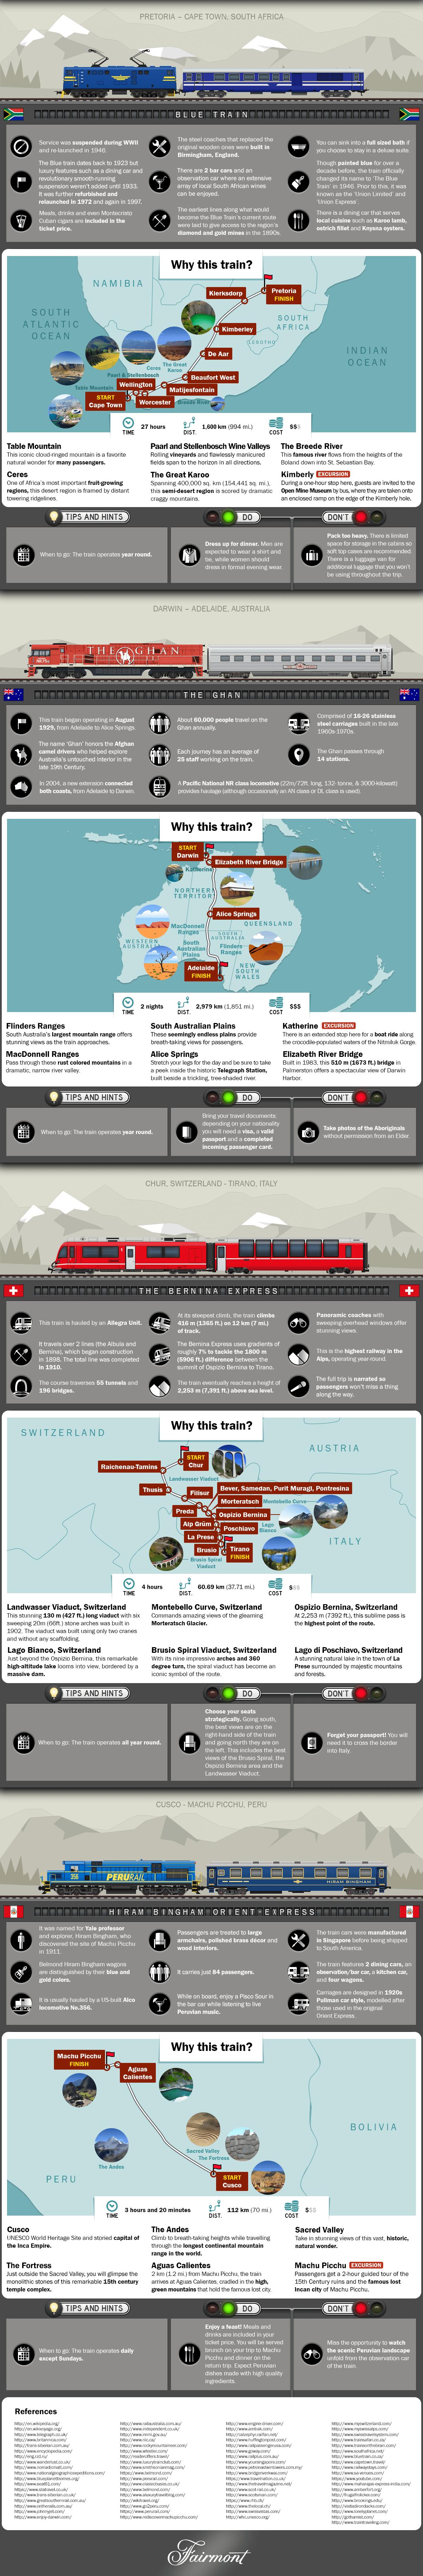 Best Train Trips